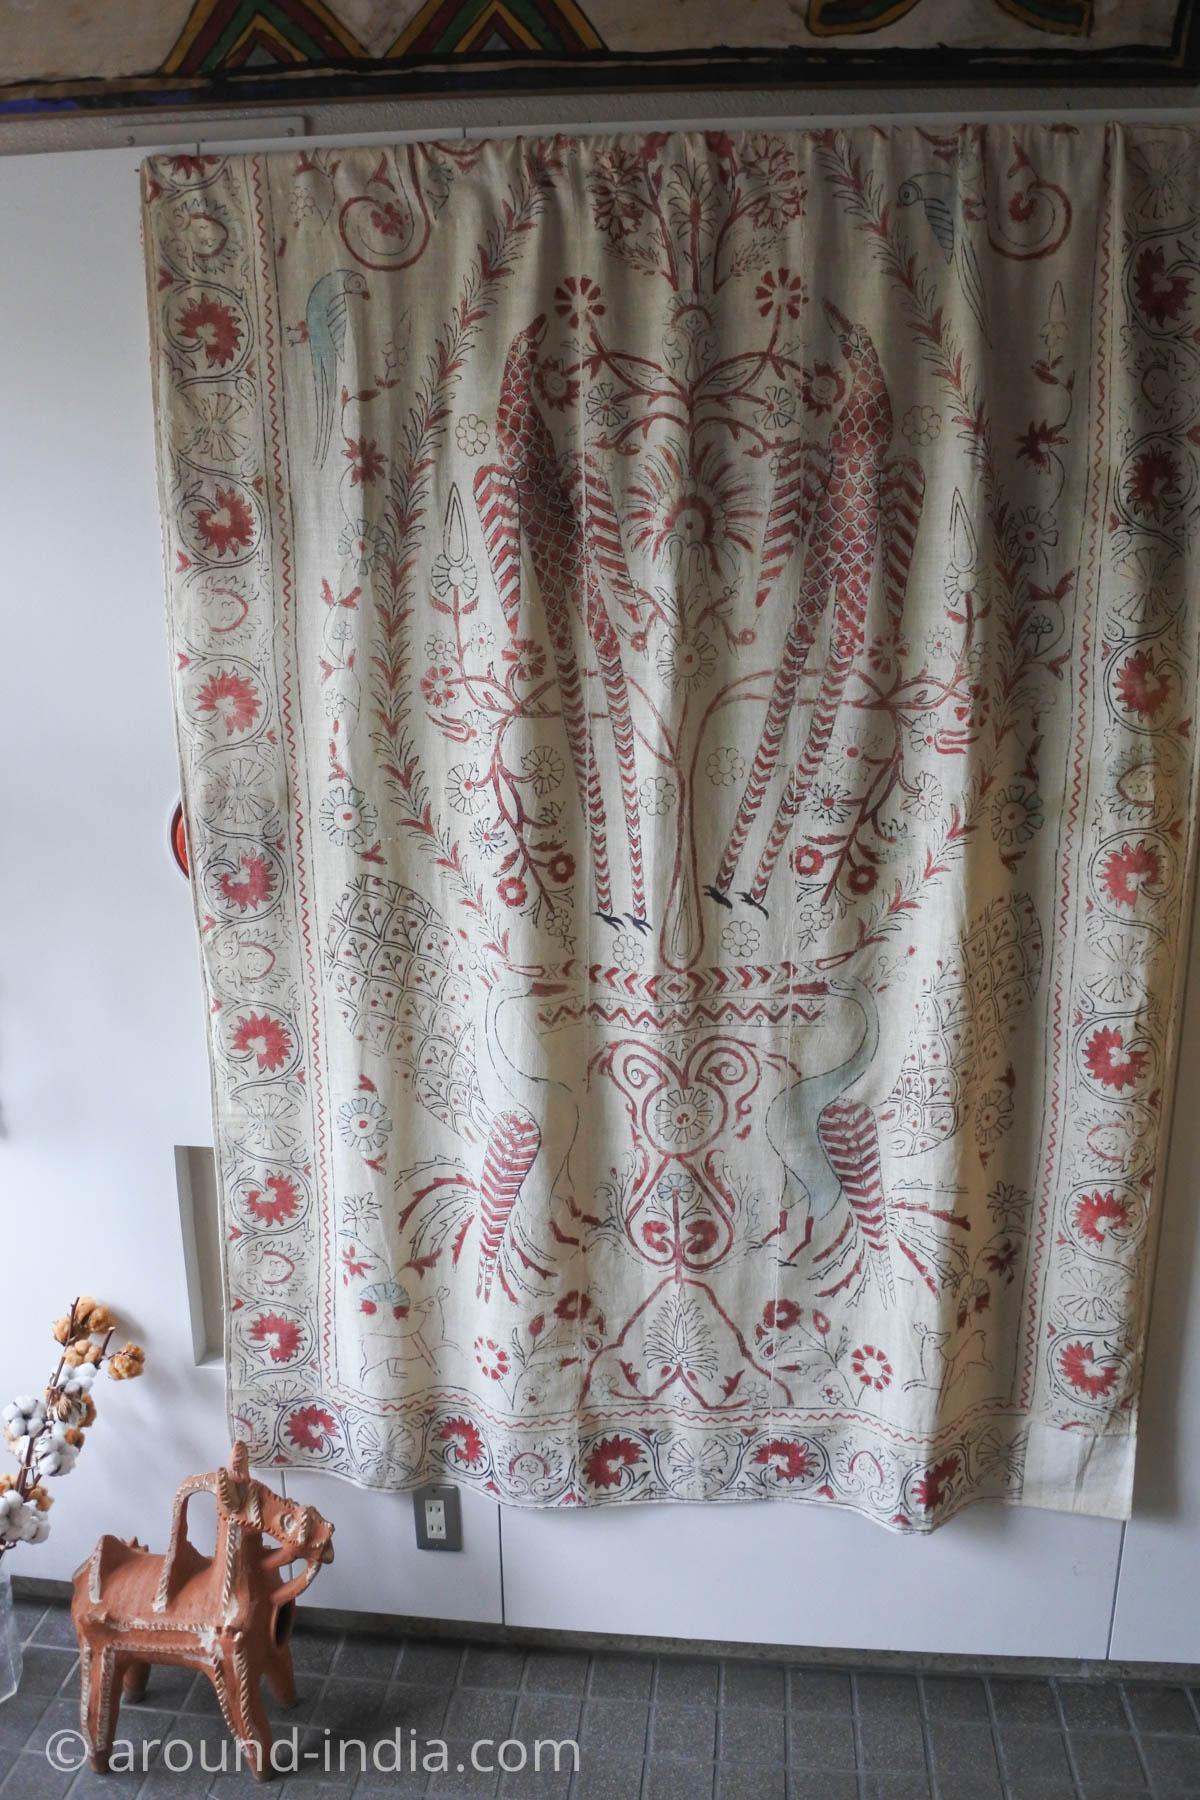 岩立フォークテキスタイルミュージアム所蔵の布